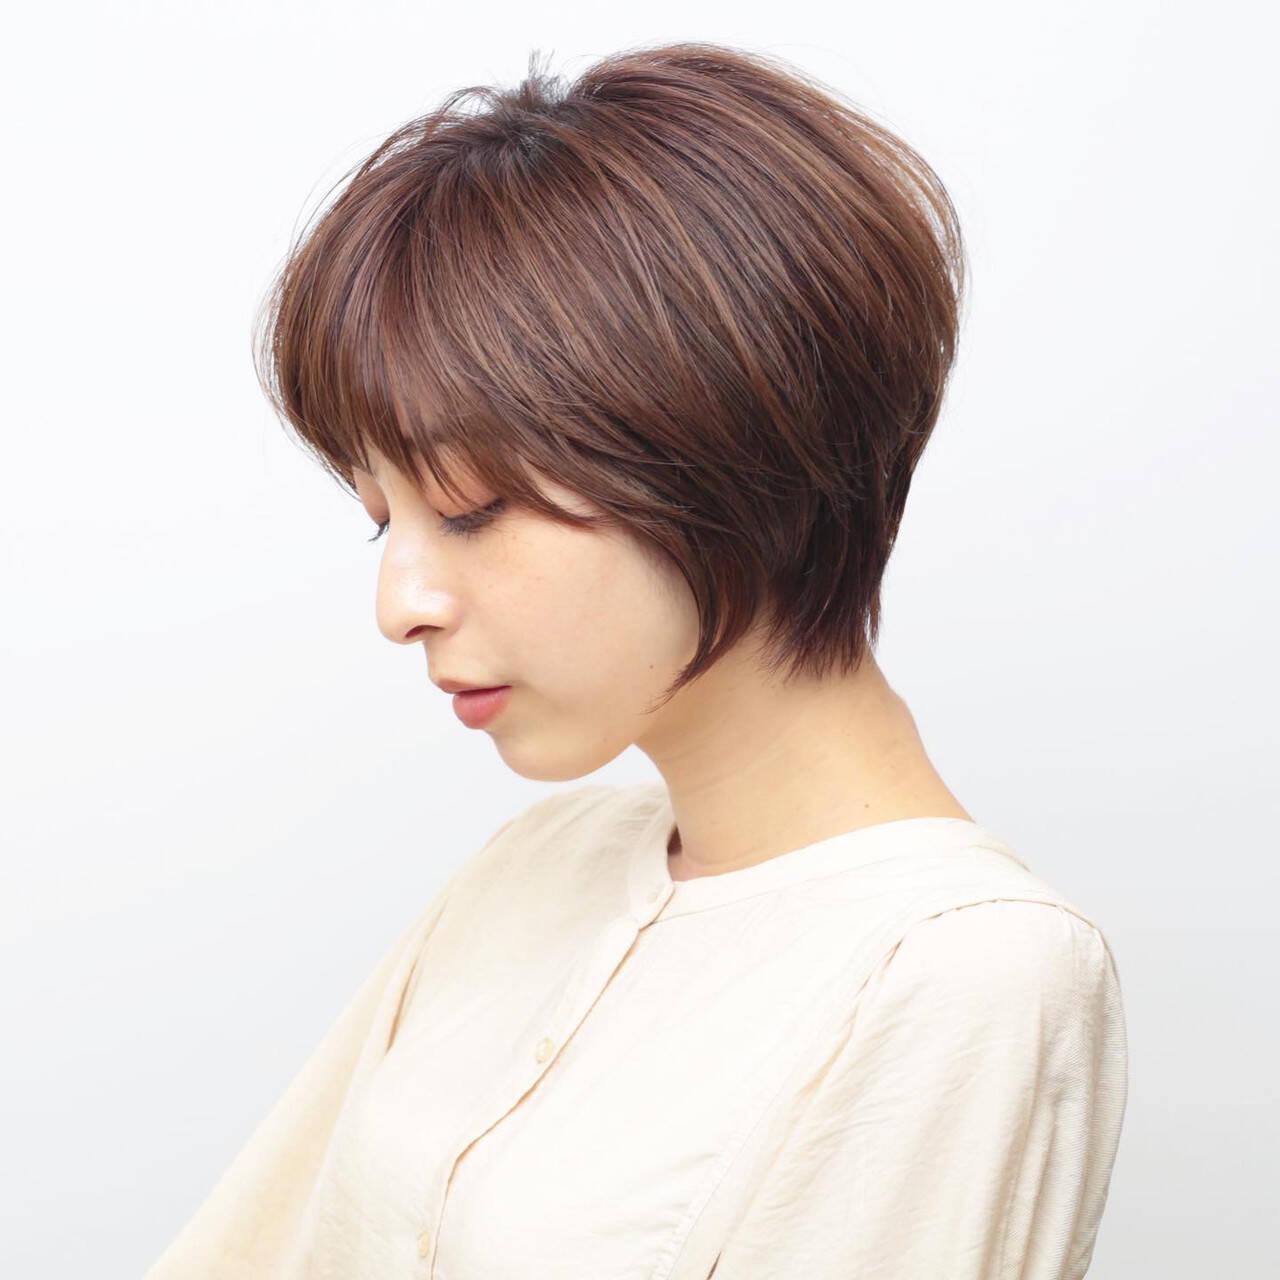 ショートボブ 耳かけ ショートヘア 前髪ありヘアスタイルや髪型の写真・画像